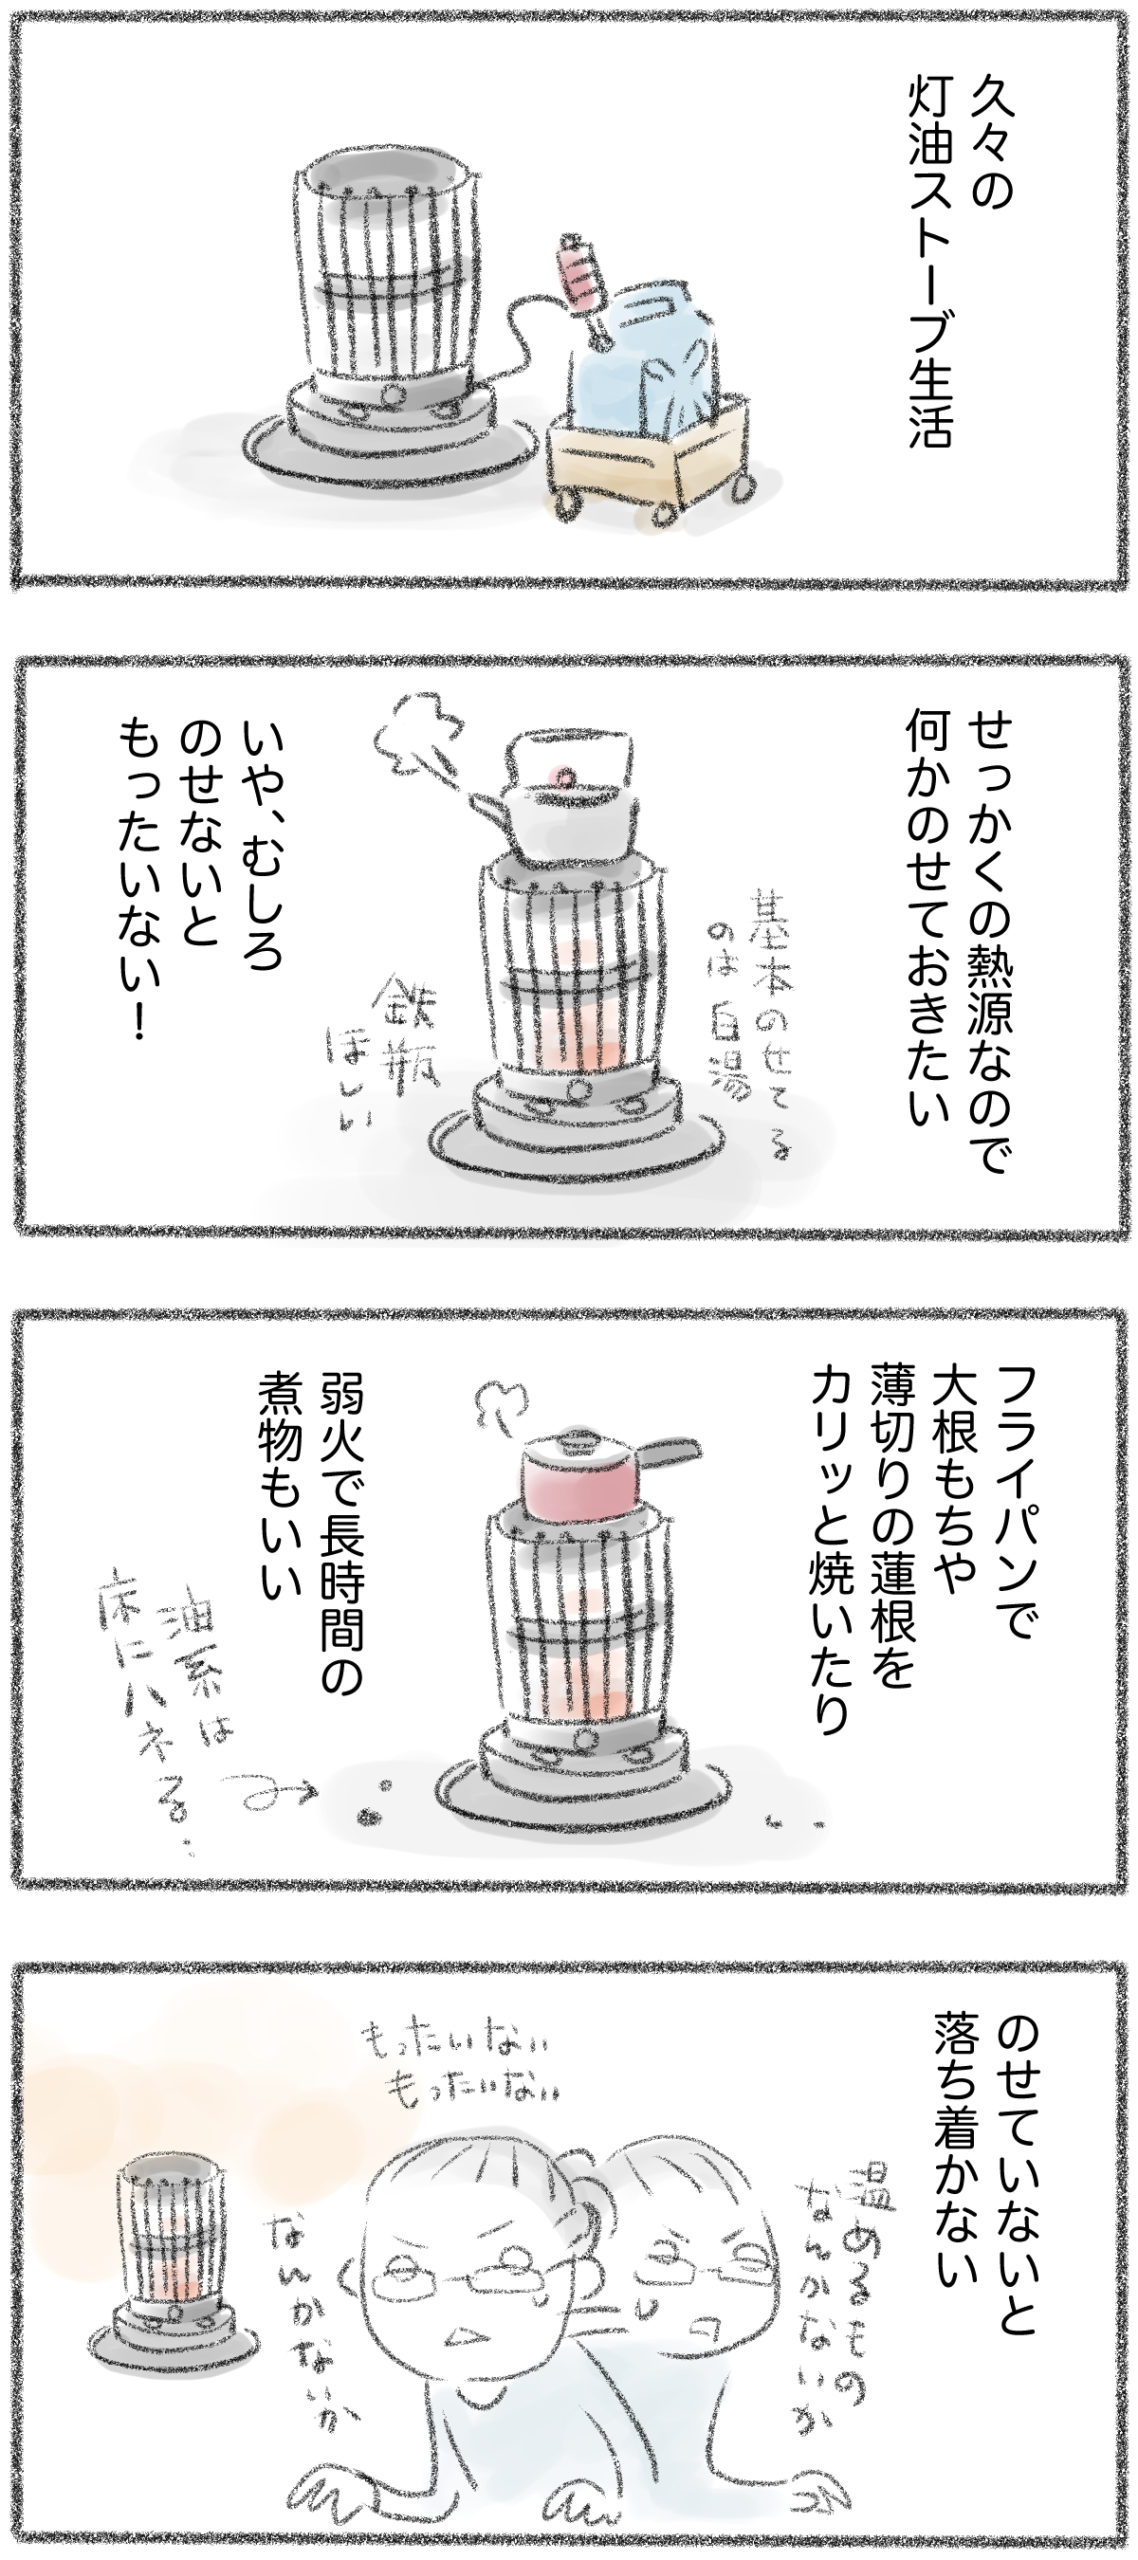 【マンガ】ストーブ